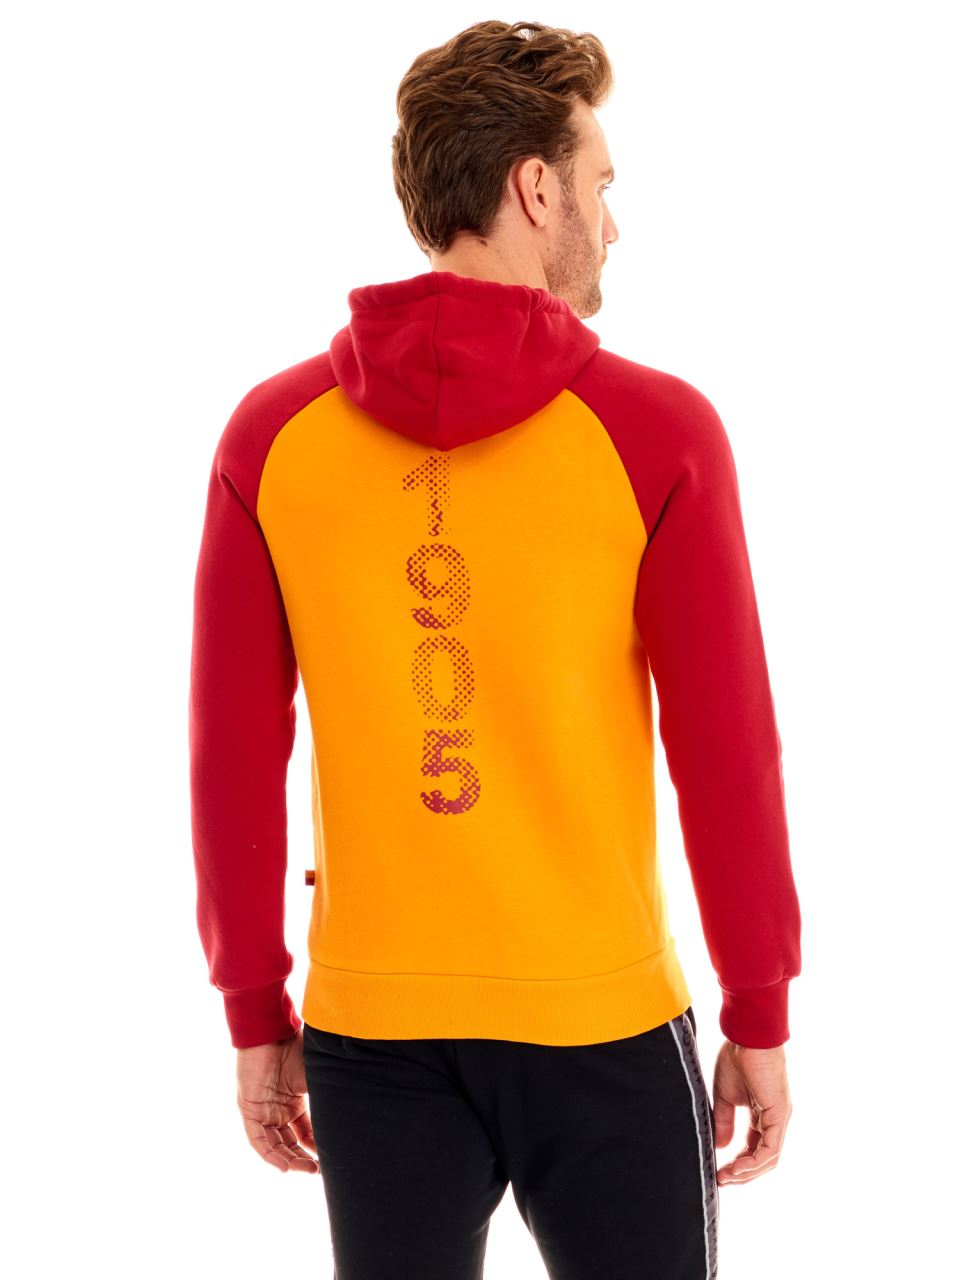 E95107 Sweatshirt